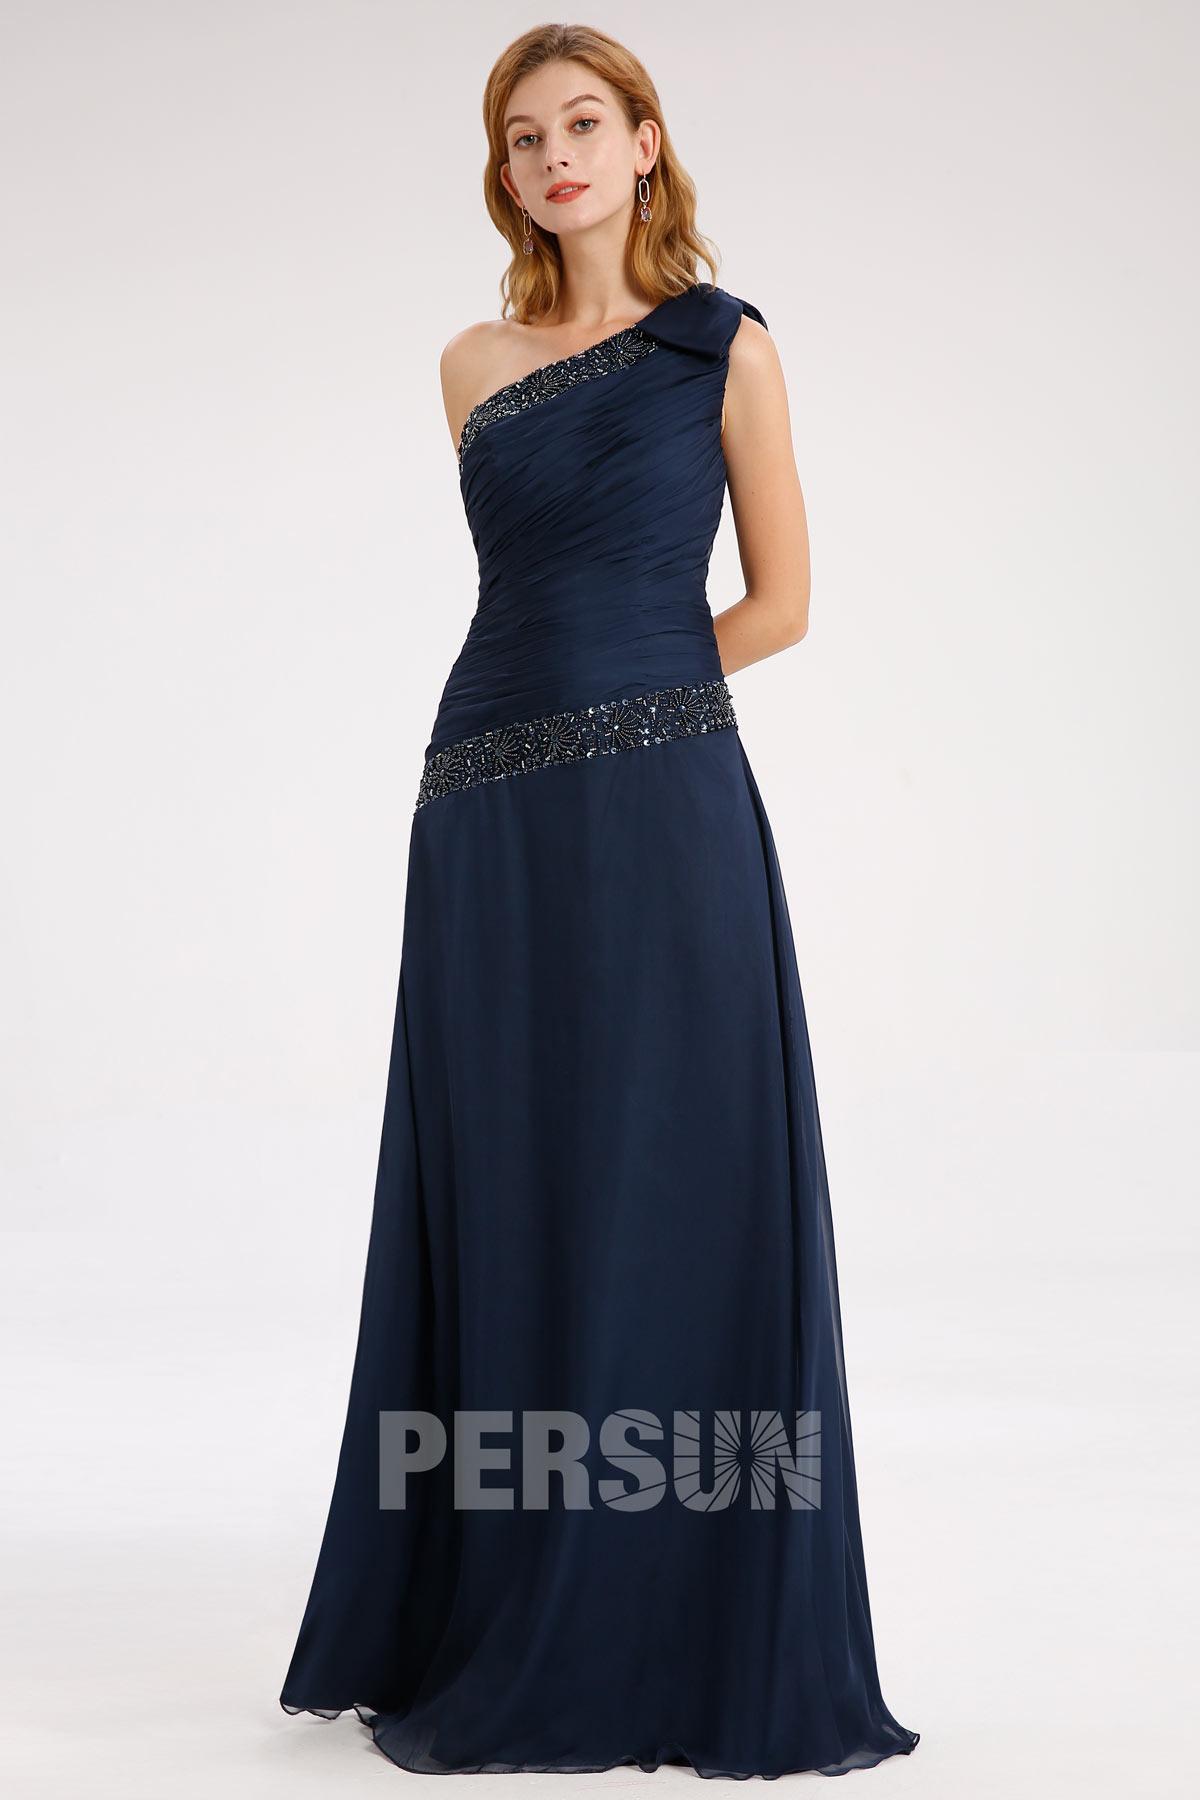 robe demoiselle d'honneur bleu marine col asymétrique ornée de bijoux